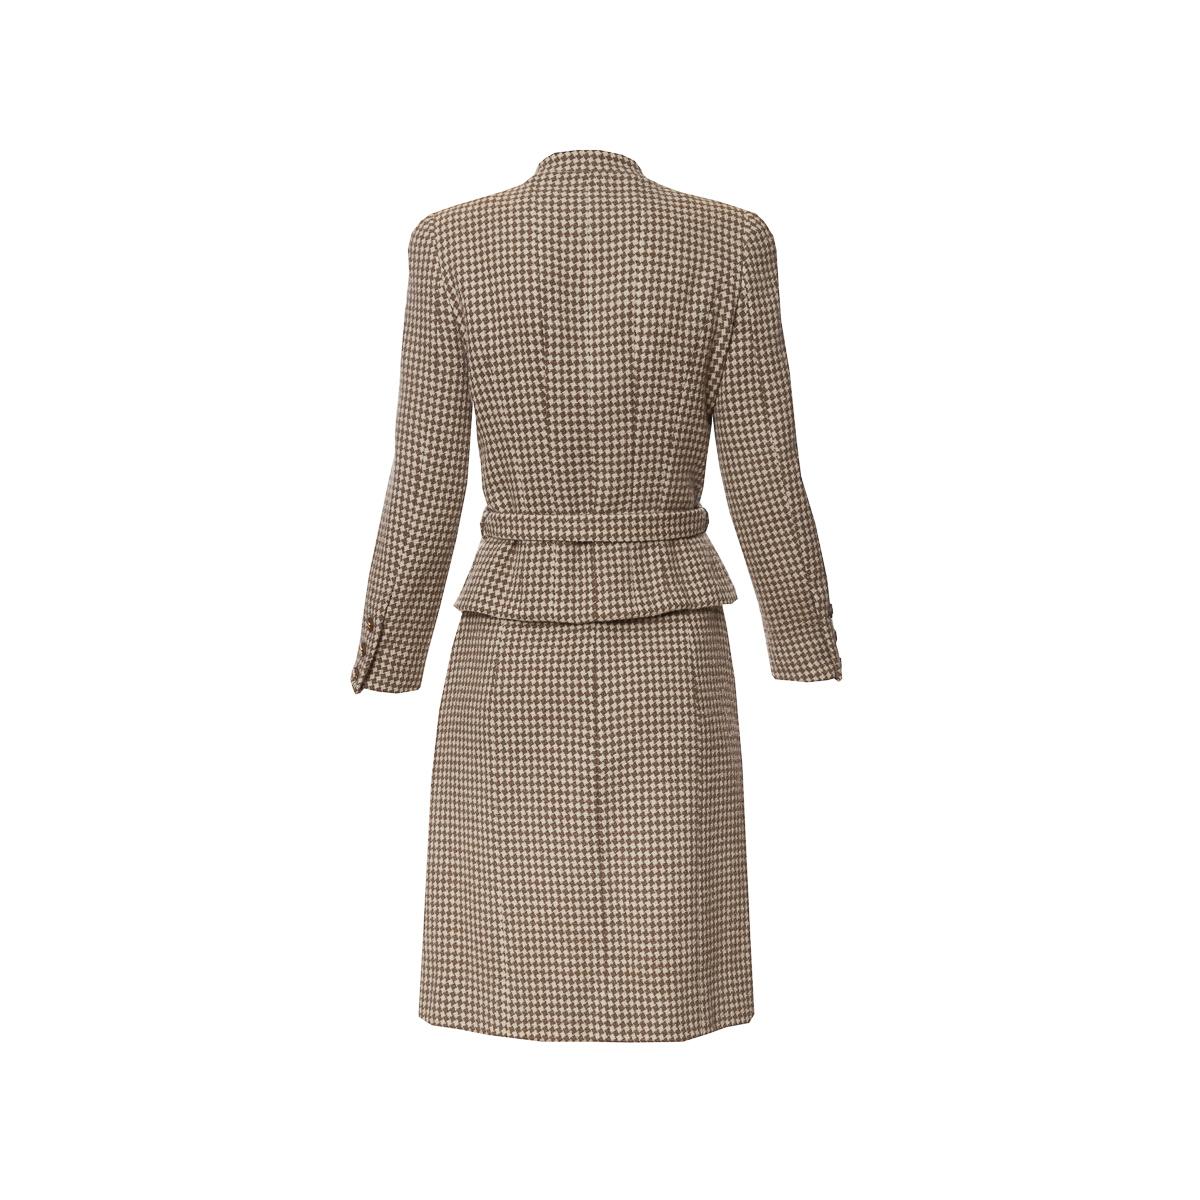 Классический костюм из твида от Chanel, 34 размера.